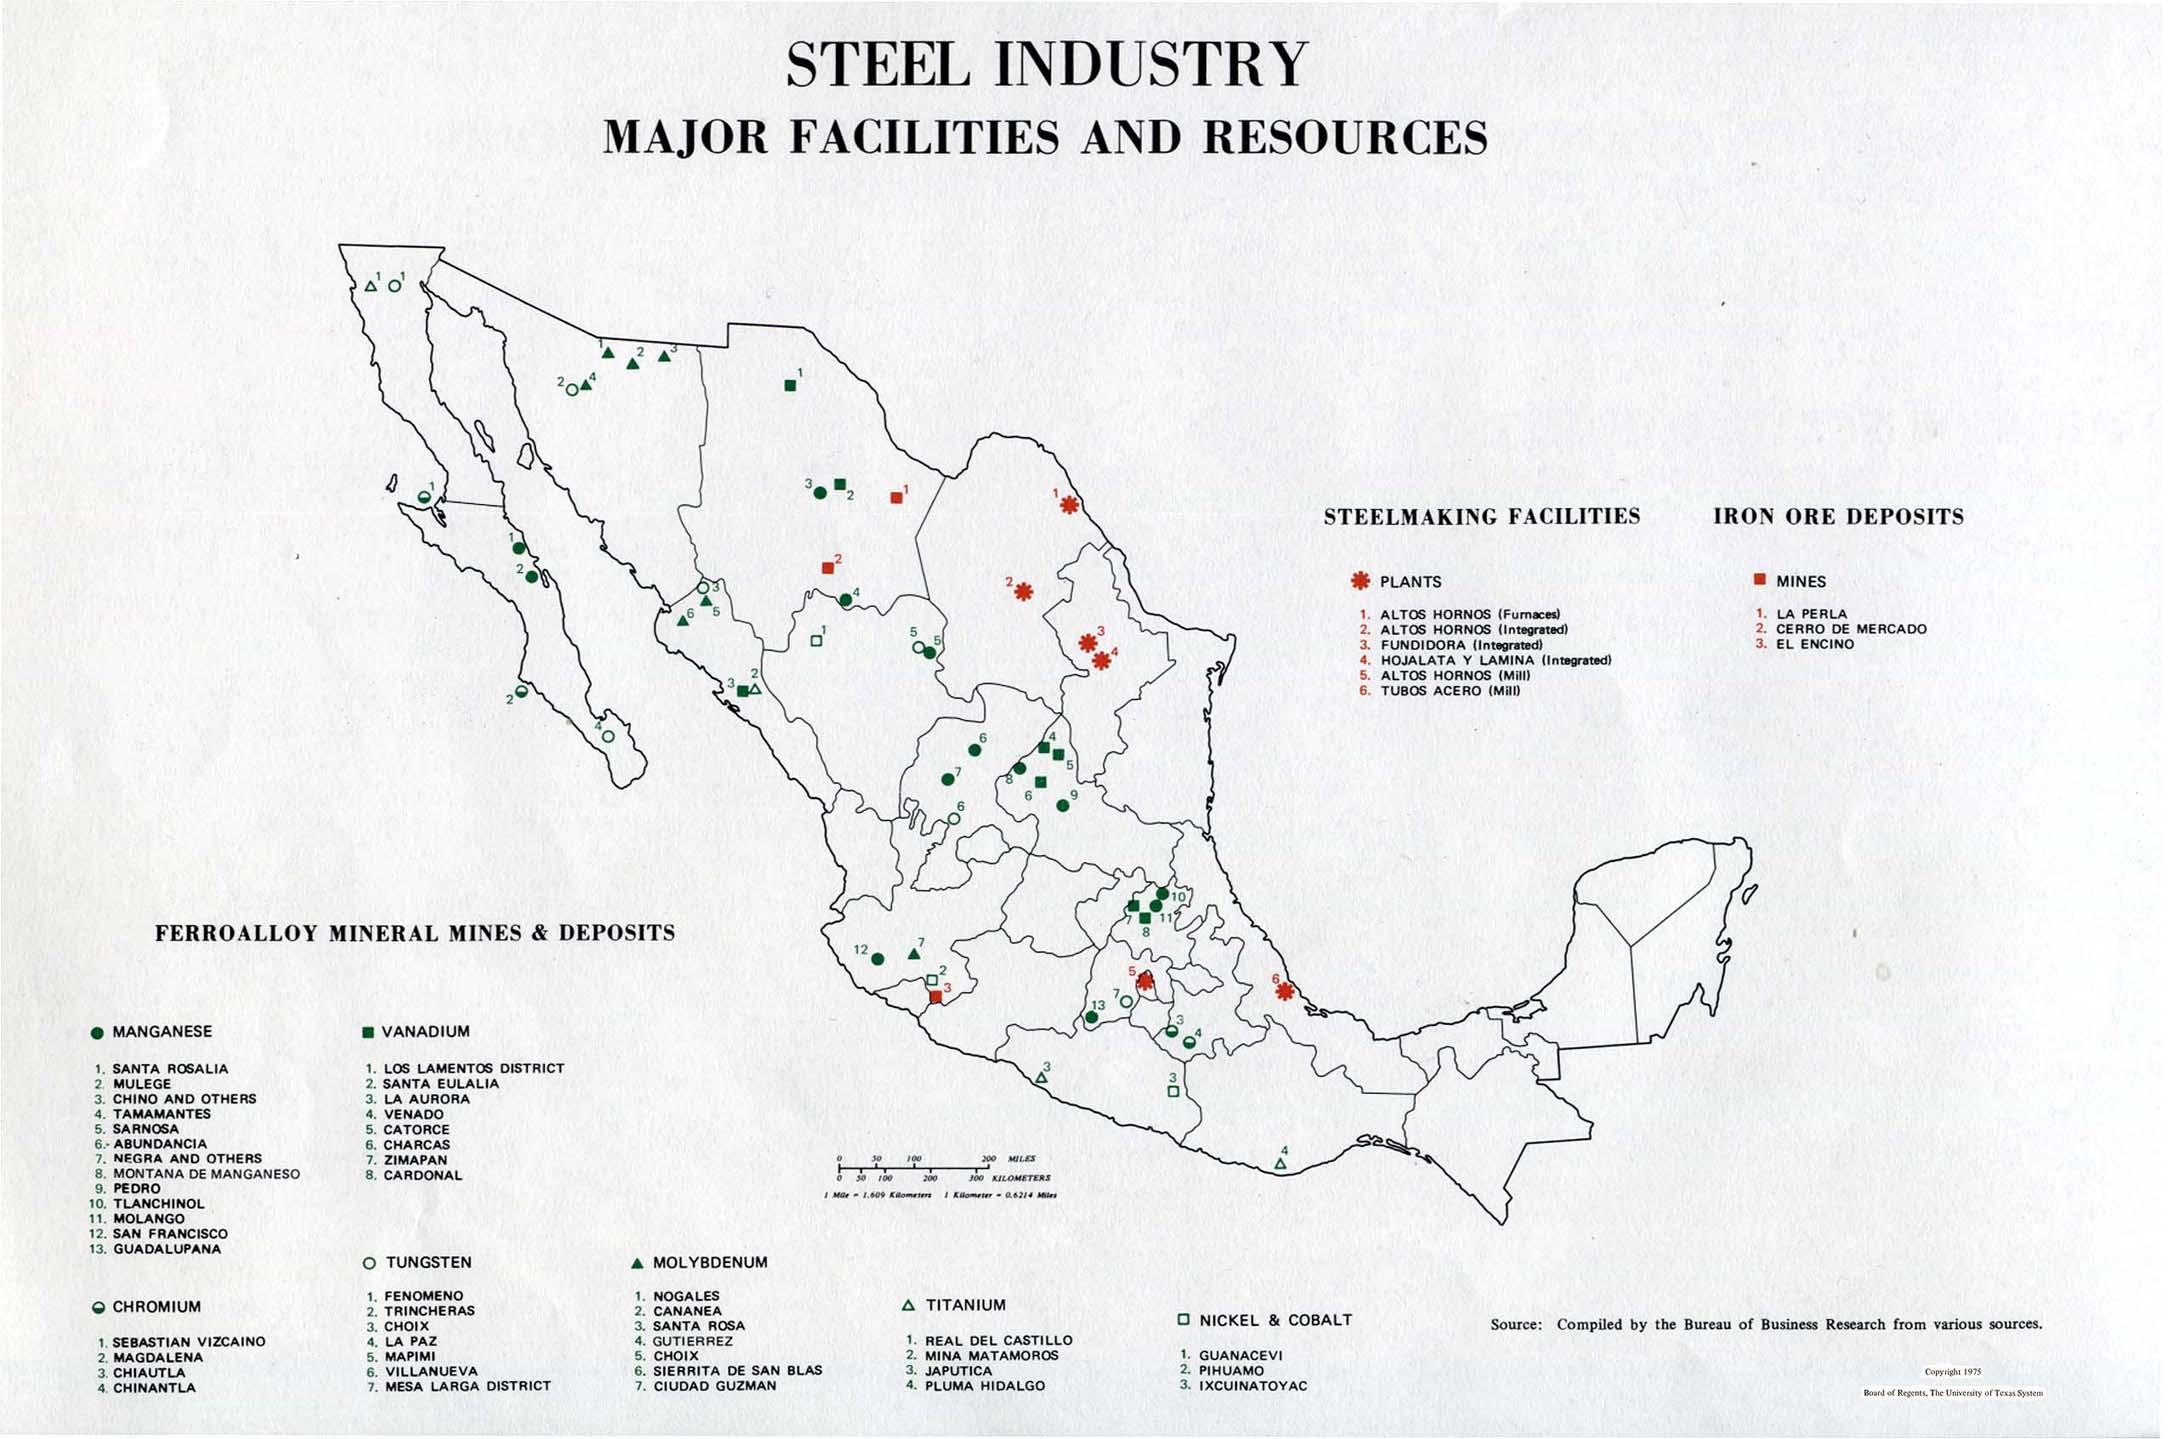 Mapa de Las Principales Instalaciones y Recursos de la Industria del Acero en México 1975